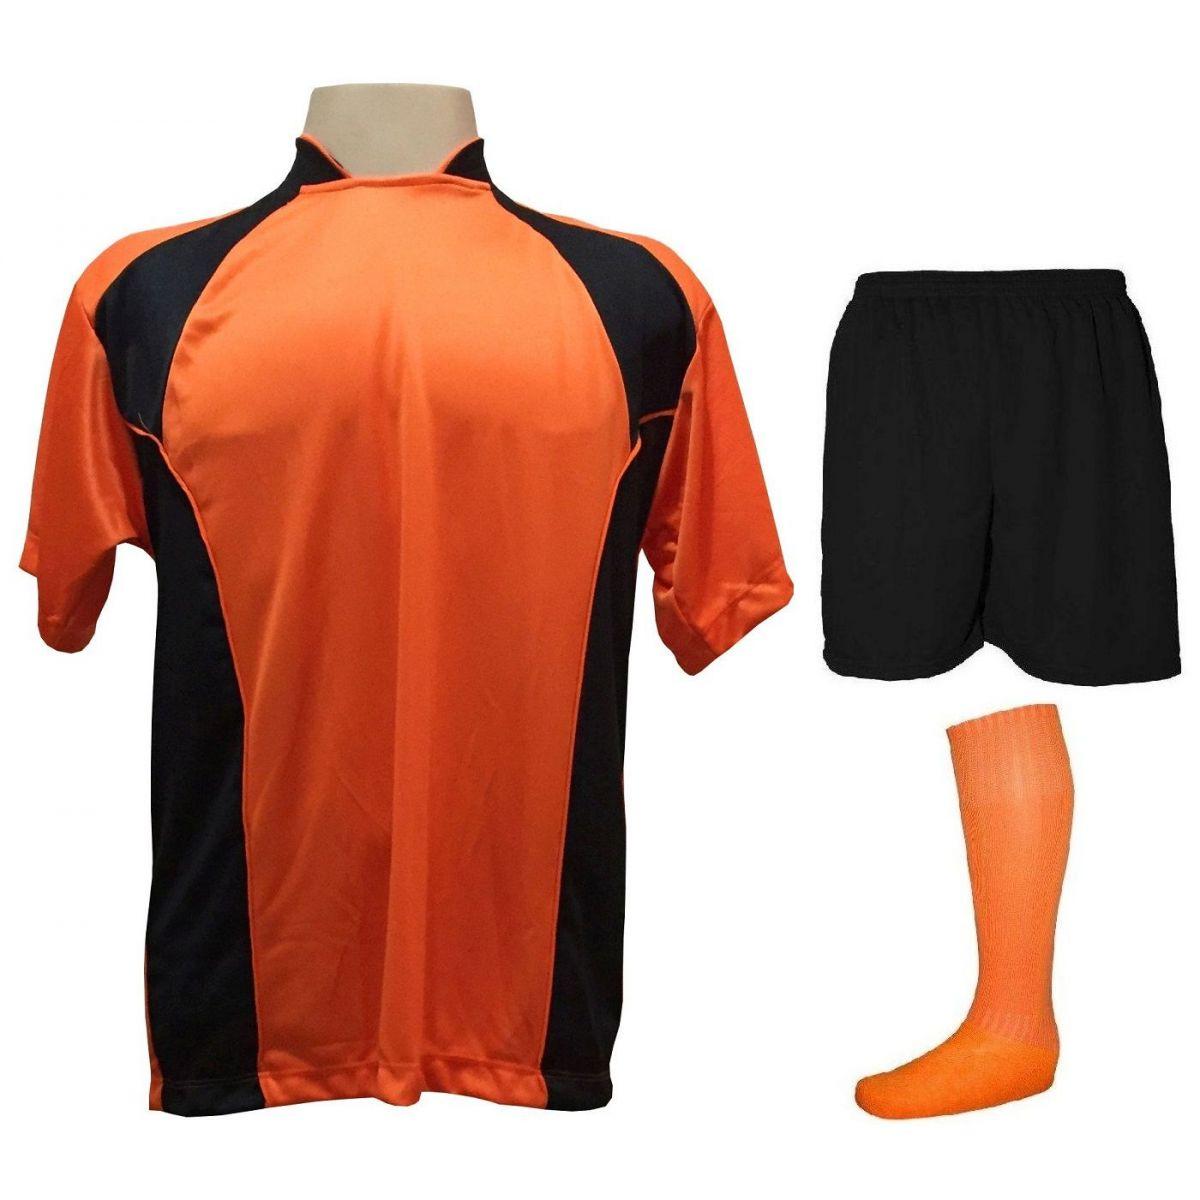 Uniforme Esportivo Completo modelo Suécia 14+1 (14 camisas Laranja/Preto + 14 calções Madrid Preto + 14 pares de meiões Laranja + 1 conjunto de goleiro) + Brindes